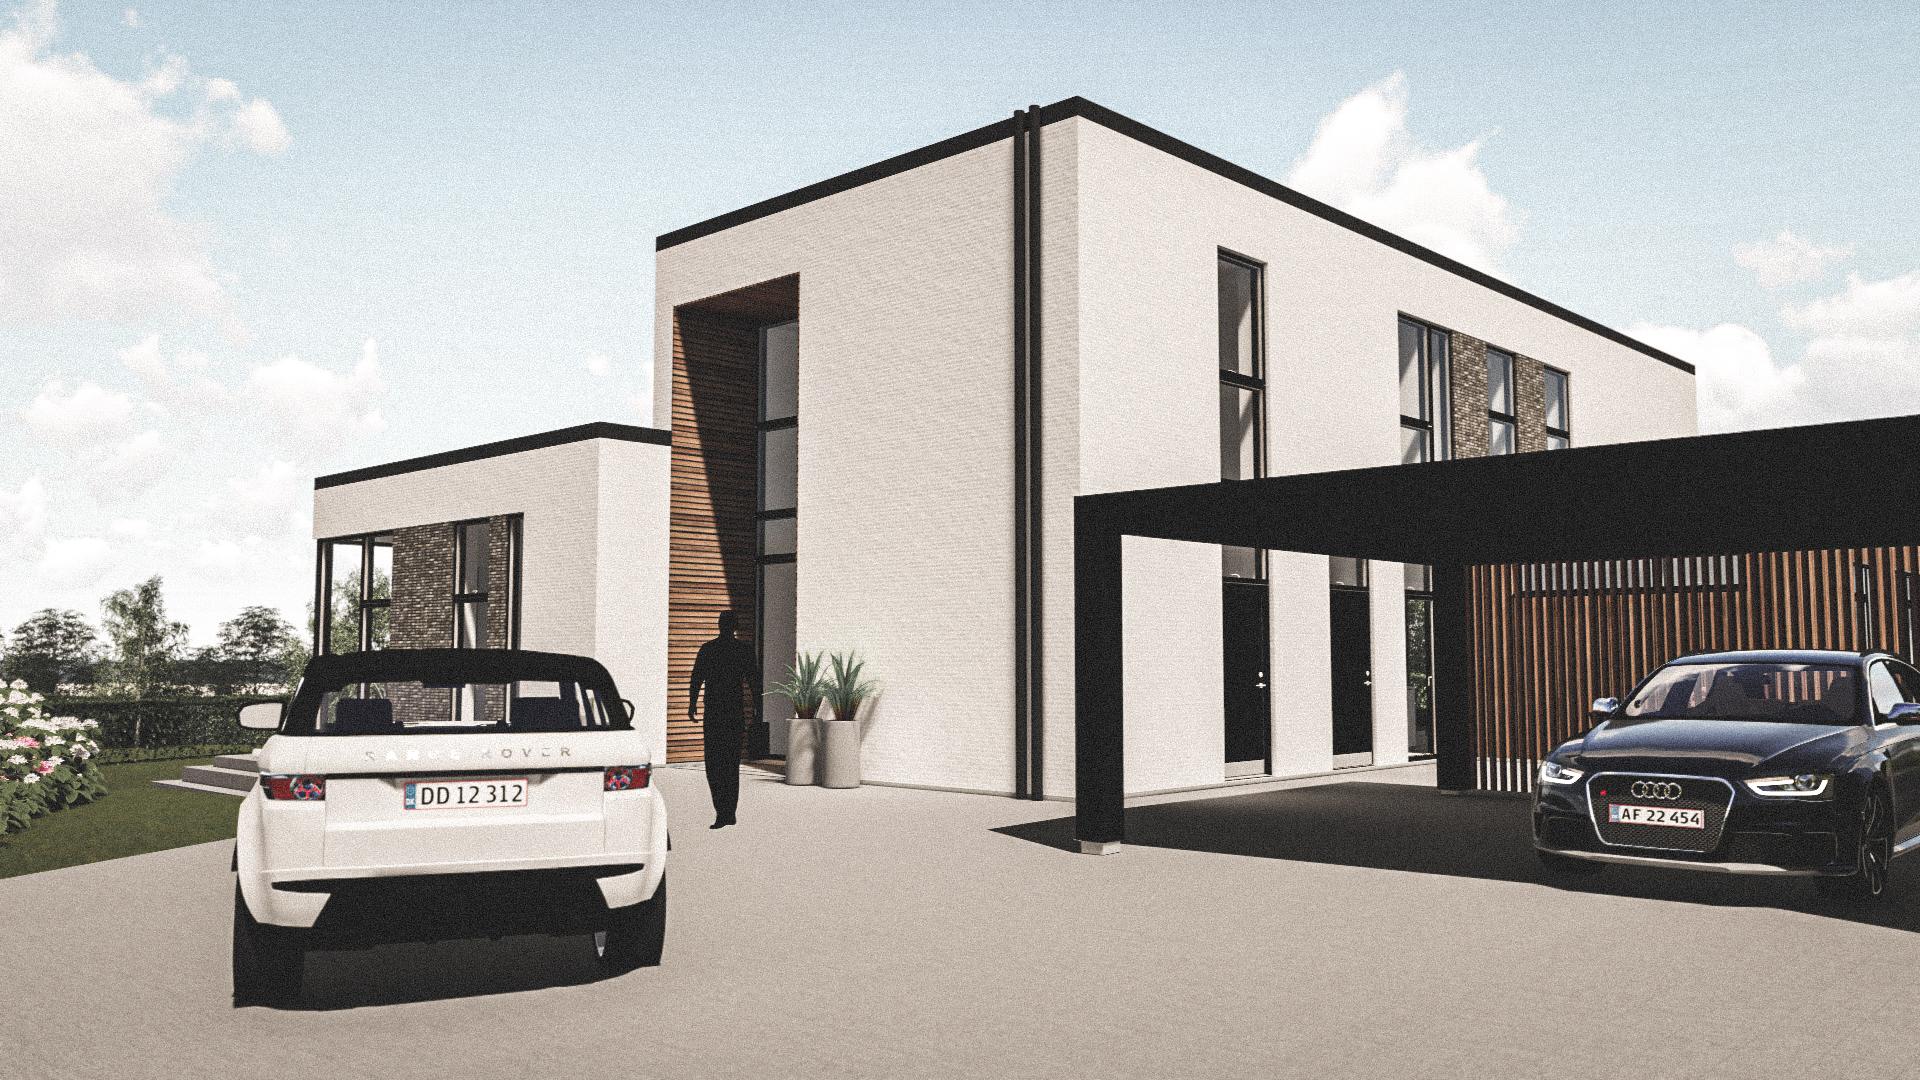 Billede af Dansk arkitekttegnet 2 plan villa af arkitektfirmaet m2plus, i Holbæk på 393 kvartratmeter.